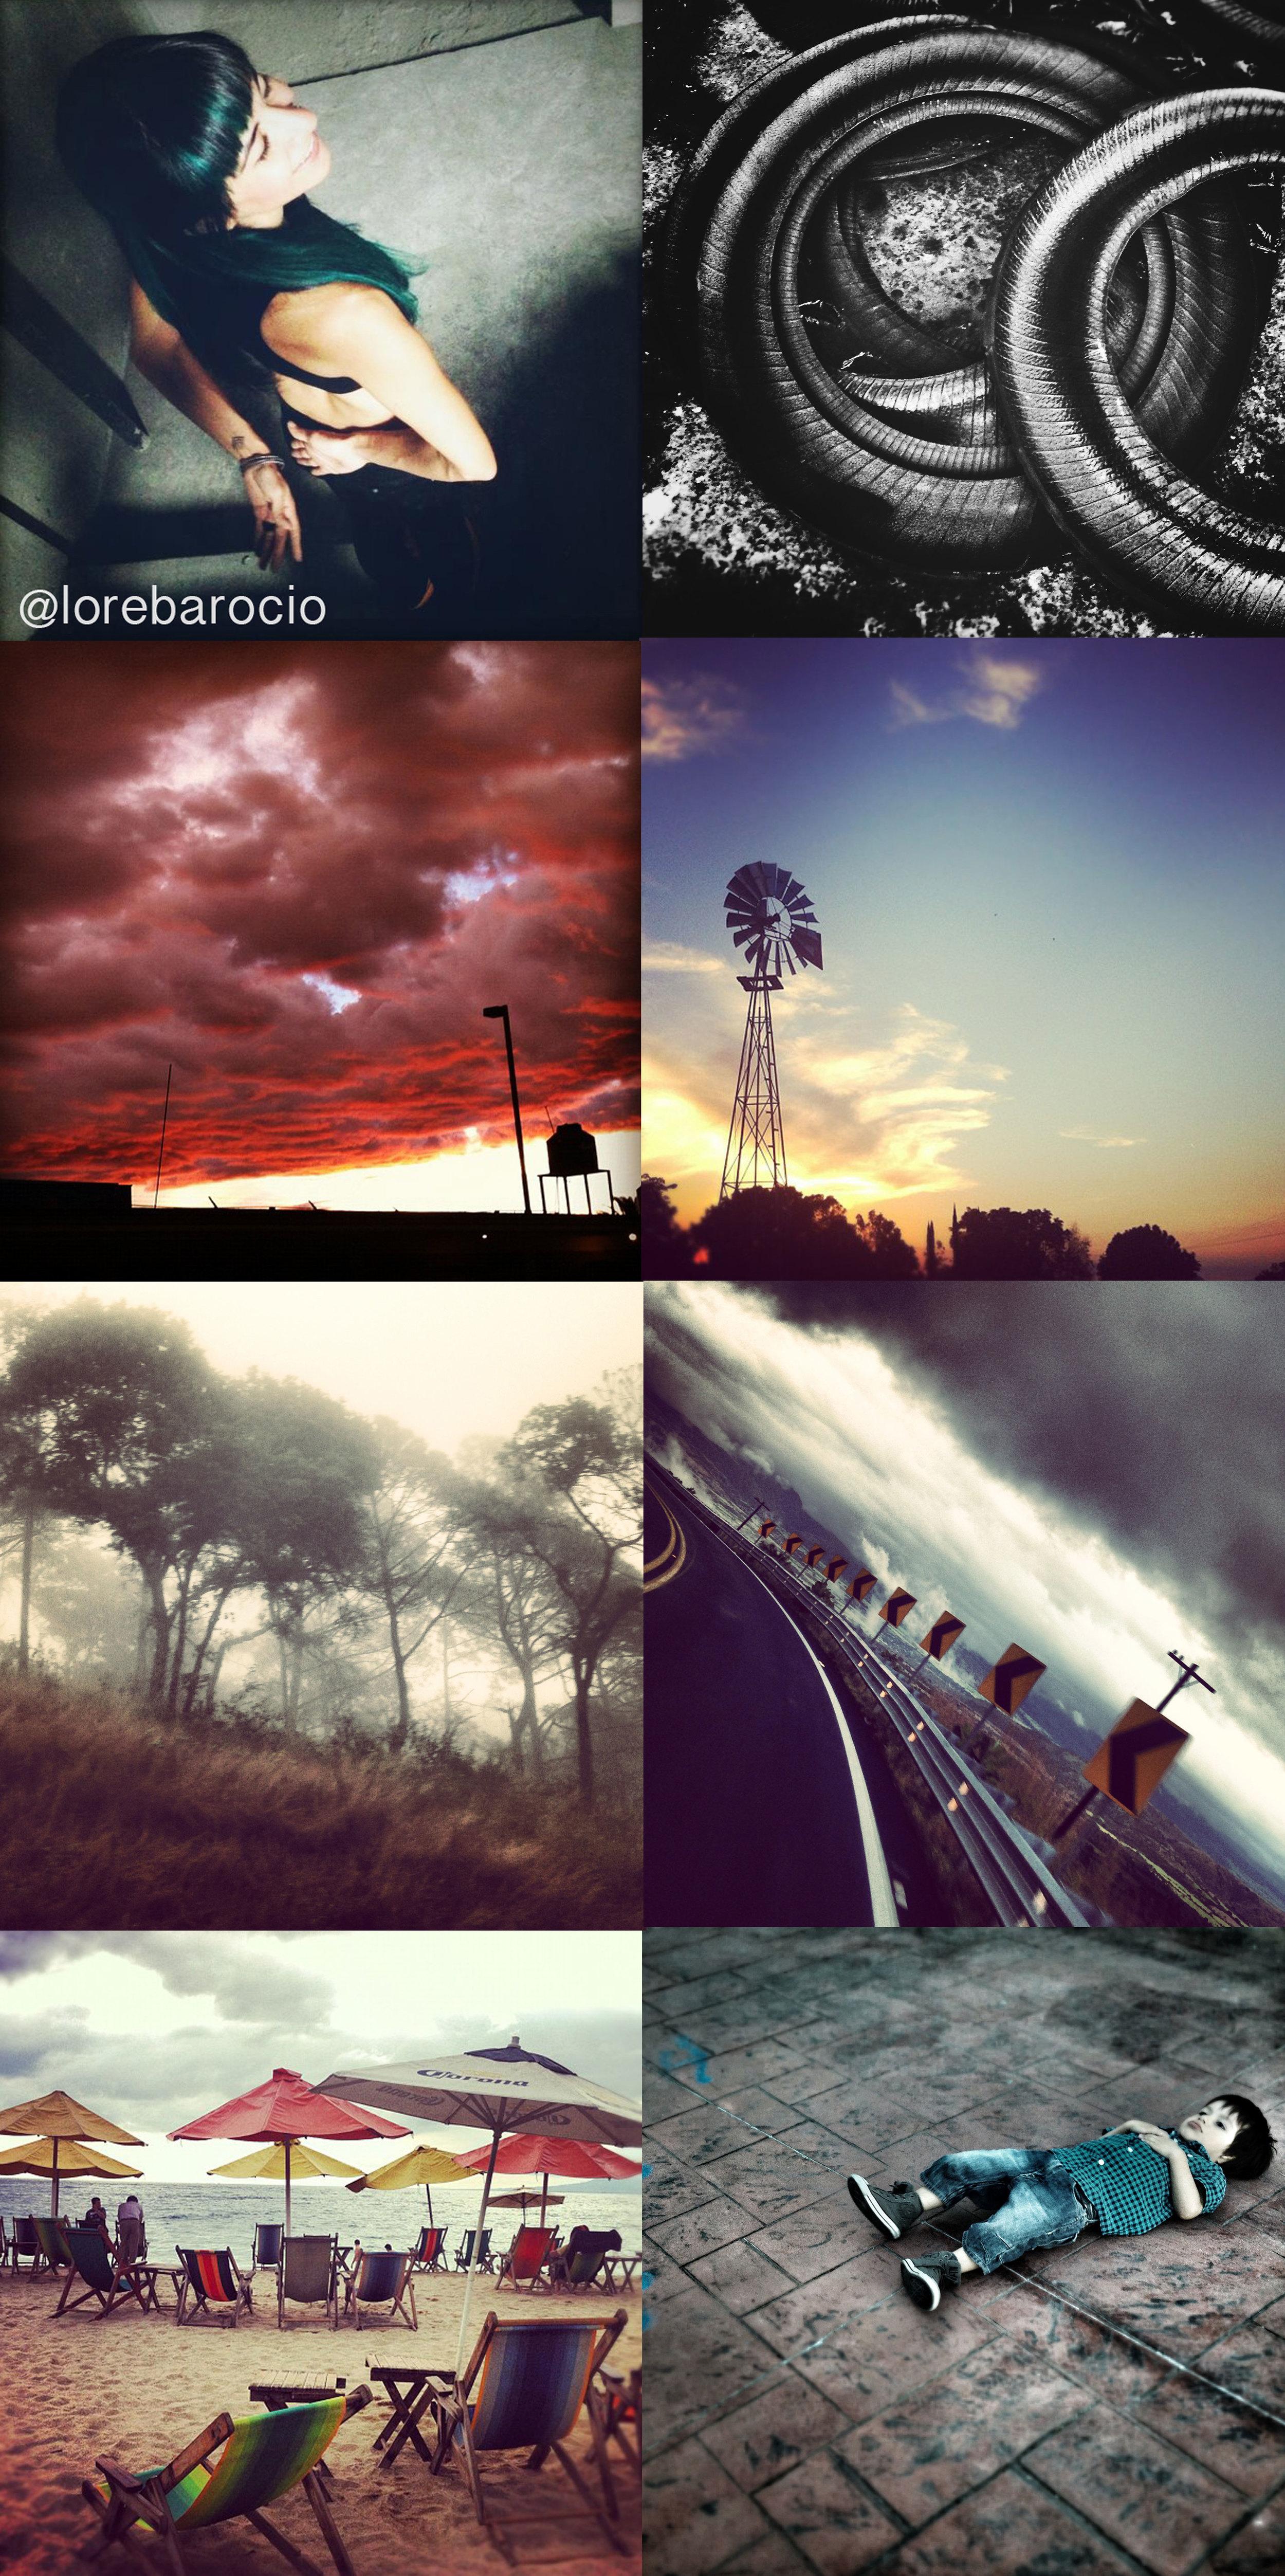 Fotografías de @lorebarocio